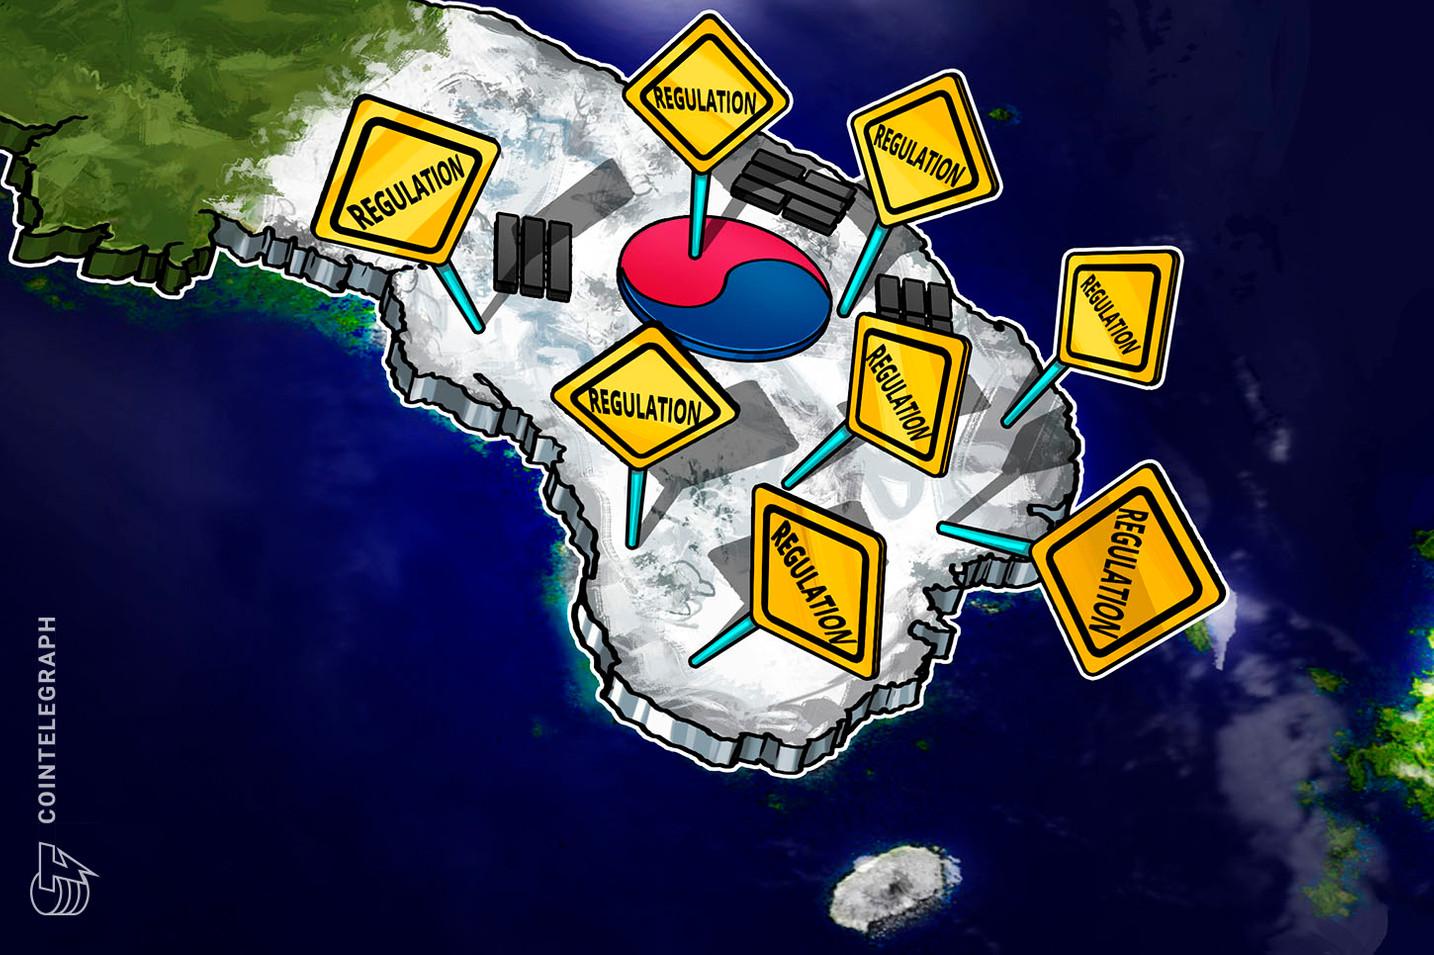 Koreja e Jugut për të ndërmarrë veprime kundër shkëmbimeve të paregjistruara të kriptove